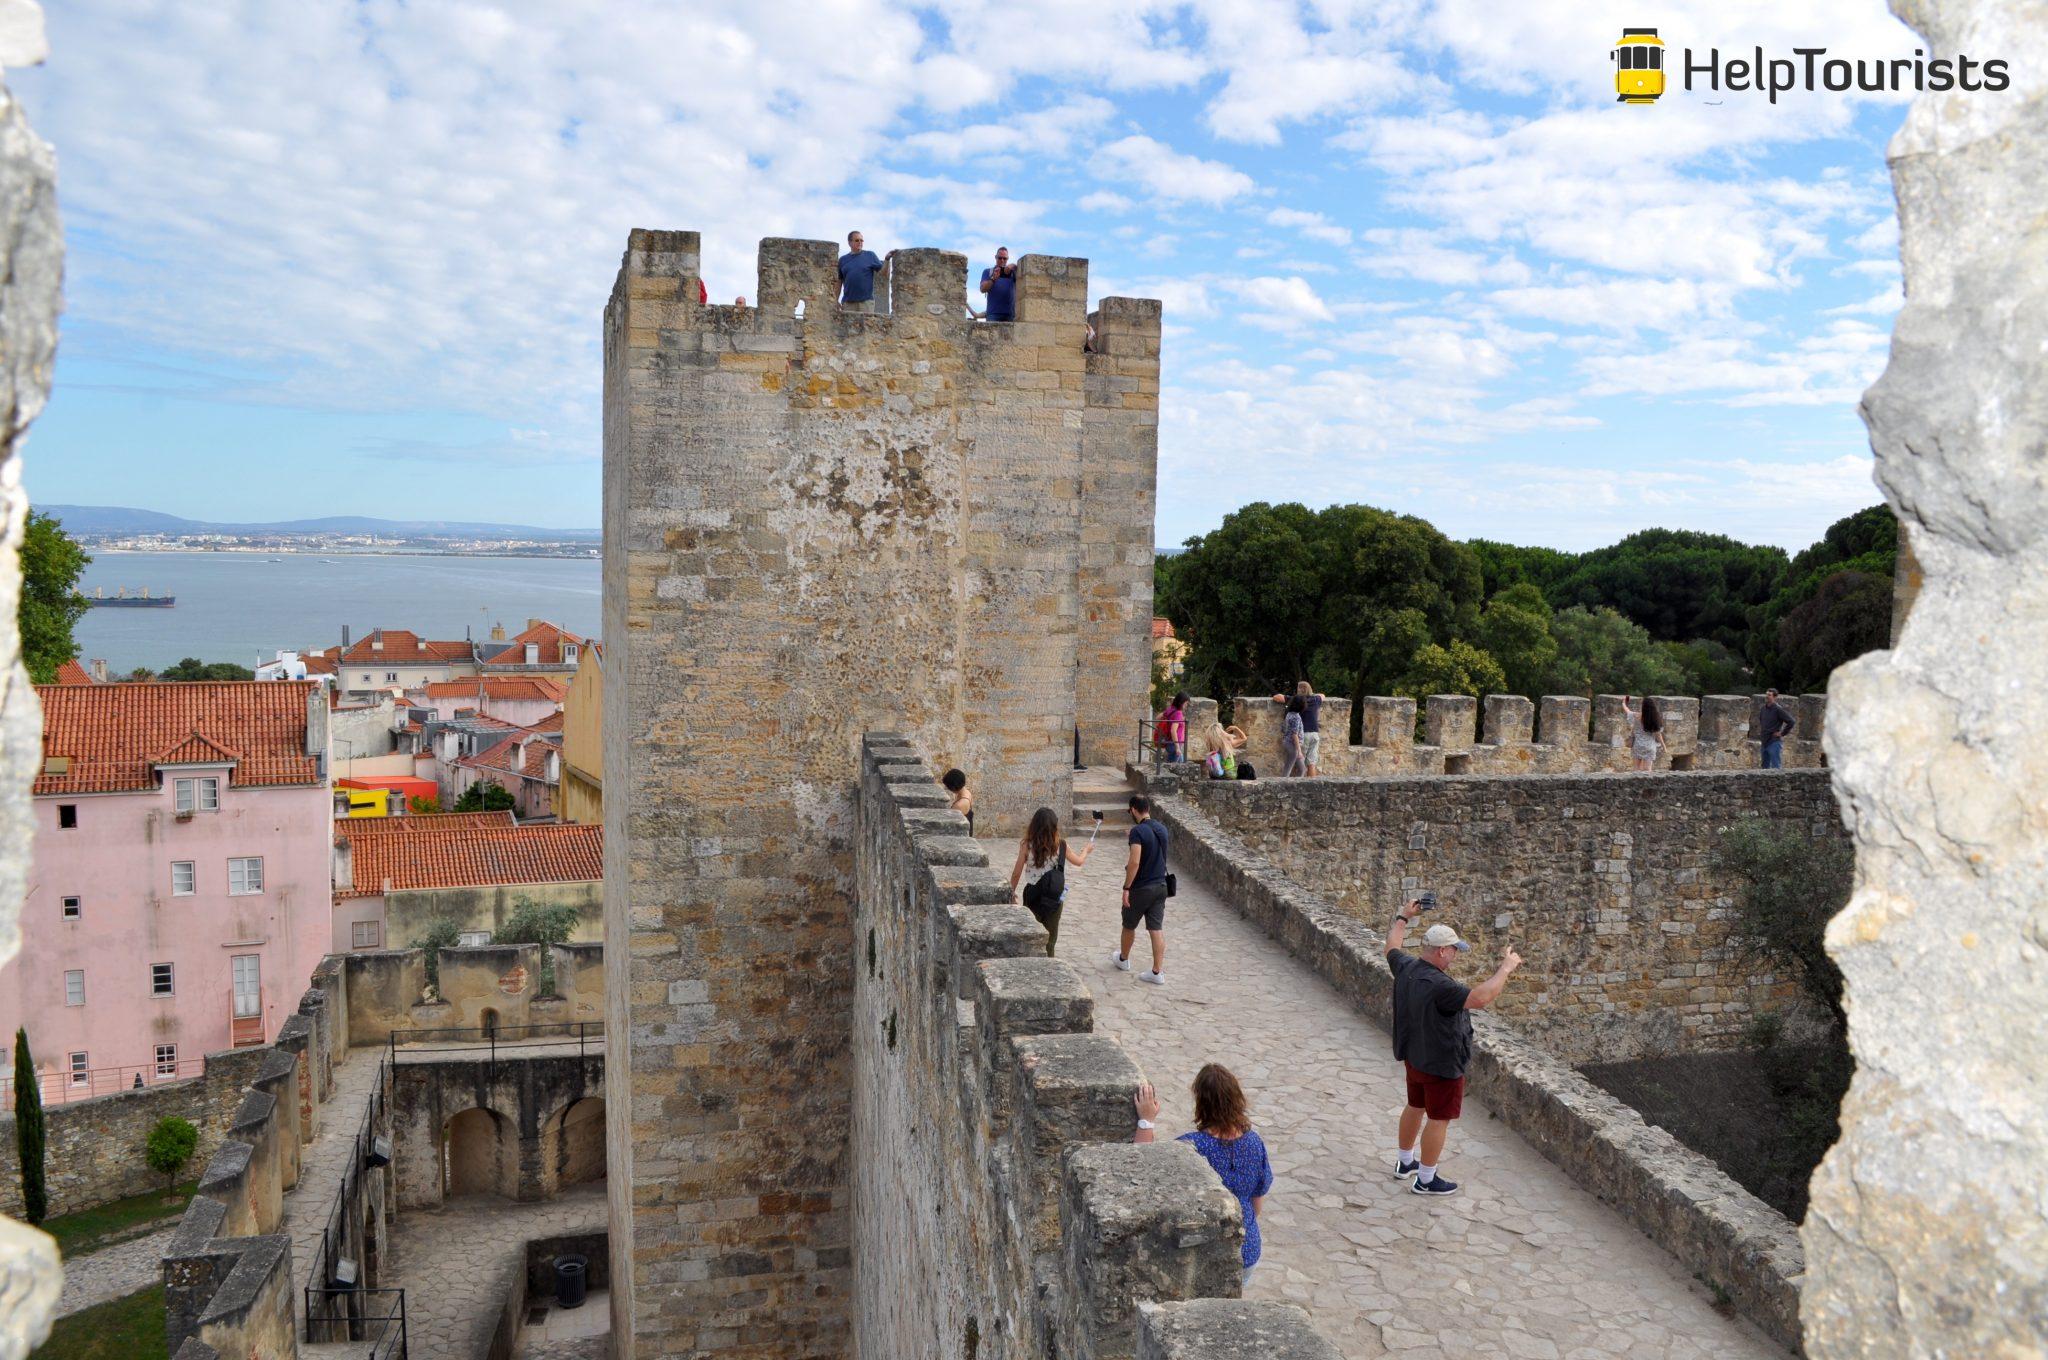 Lissabon Castelo de Sao jorge Mauer